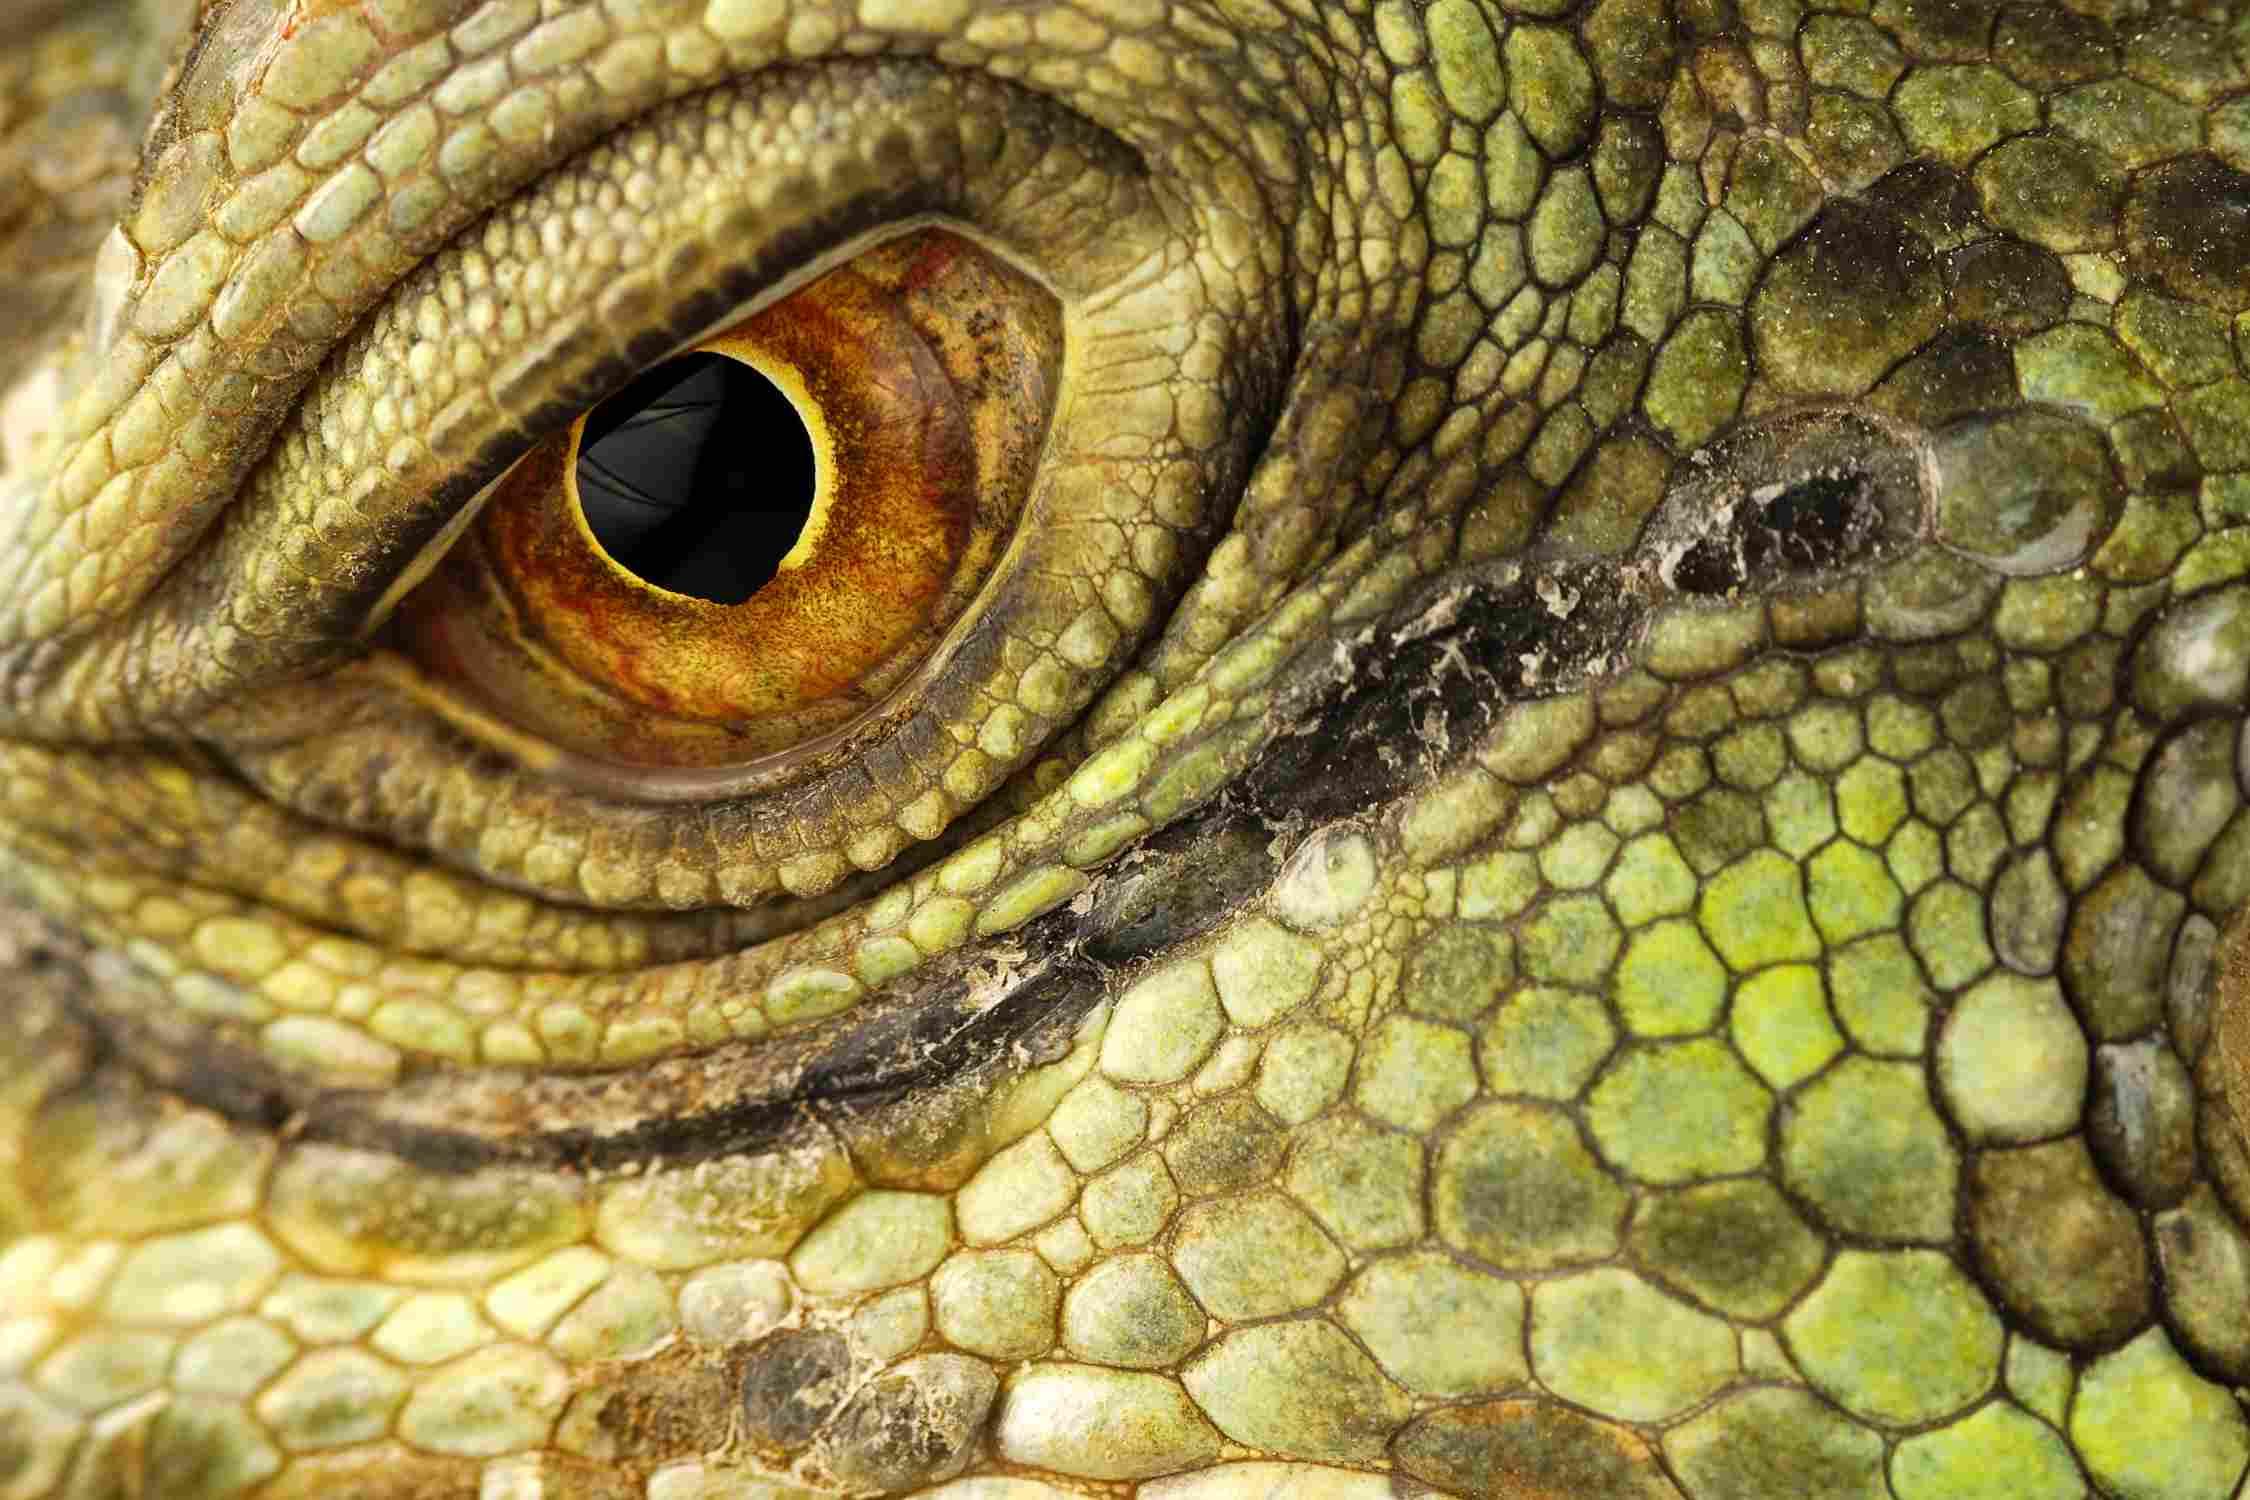 Die Augen lebender Tiere geben Hinweise auf ihre Evolutionsgeschichte.